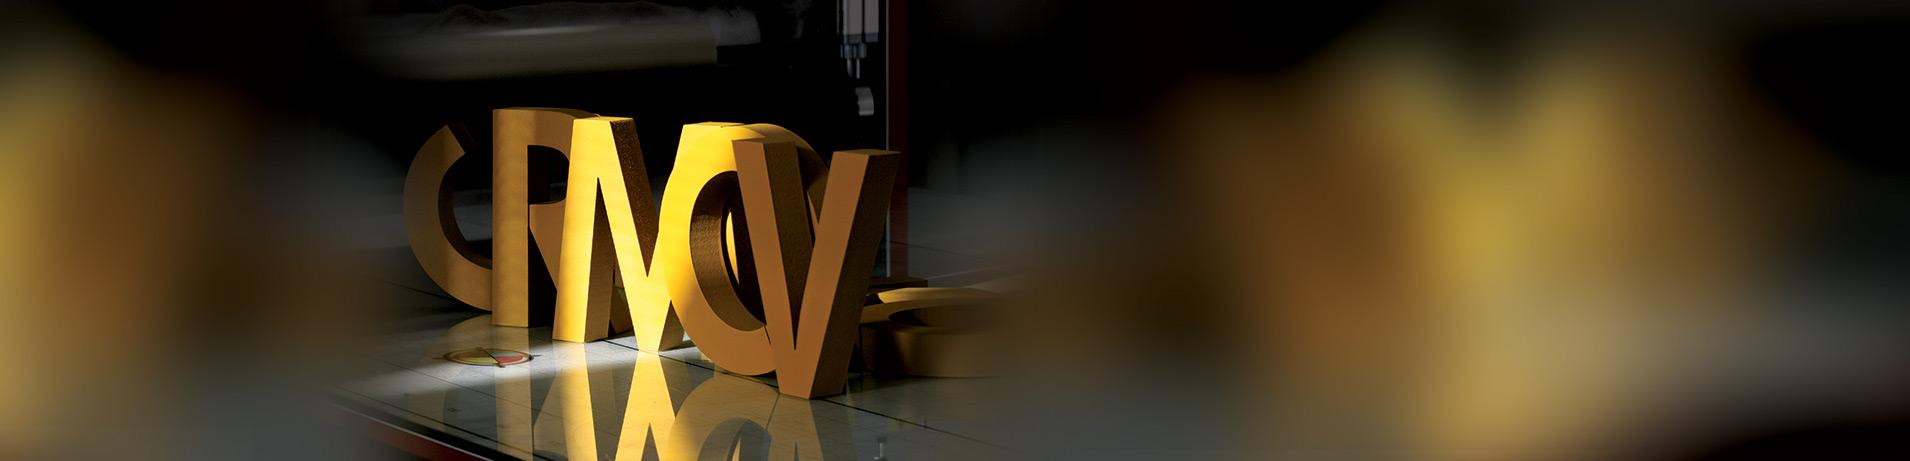 3D ČRKE, 3D NAPISI